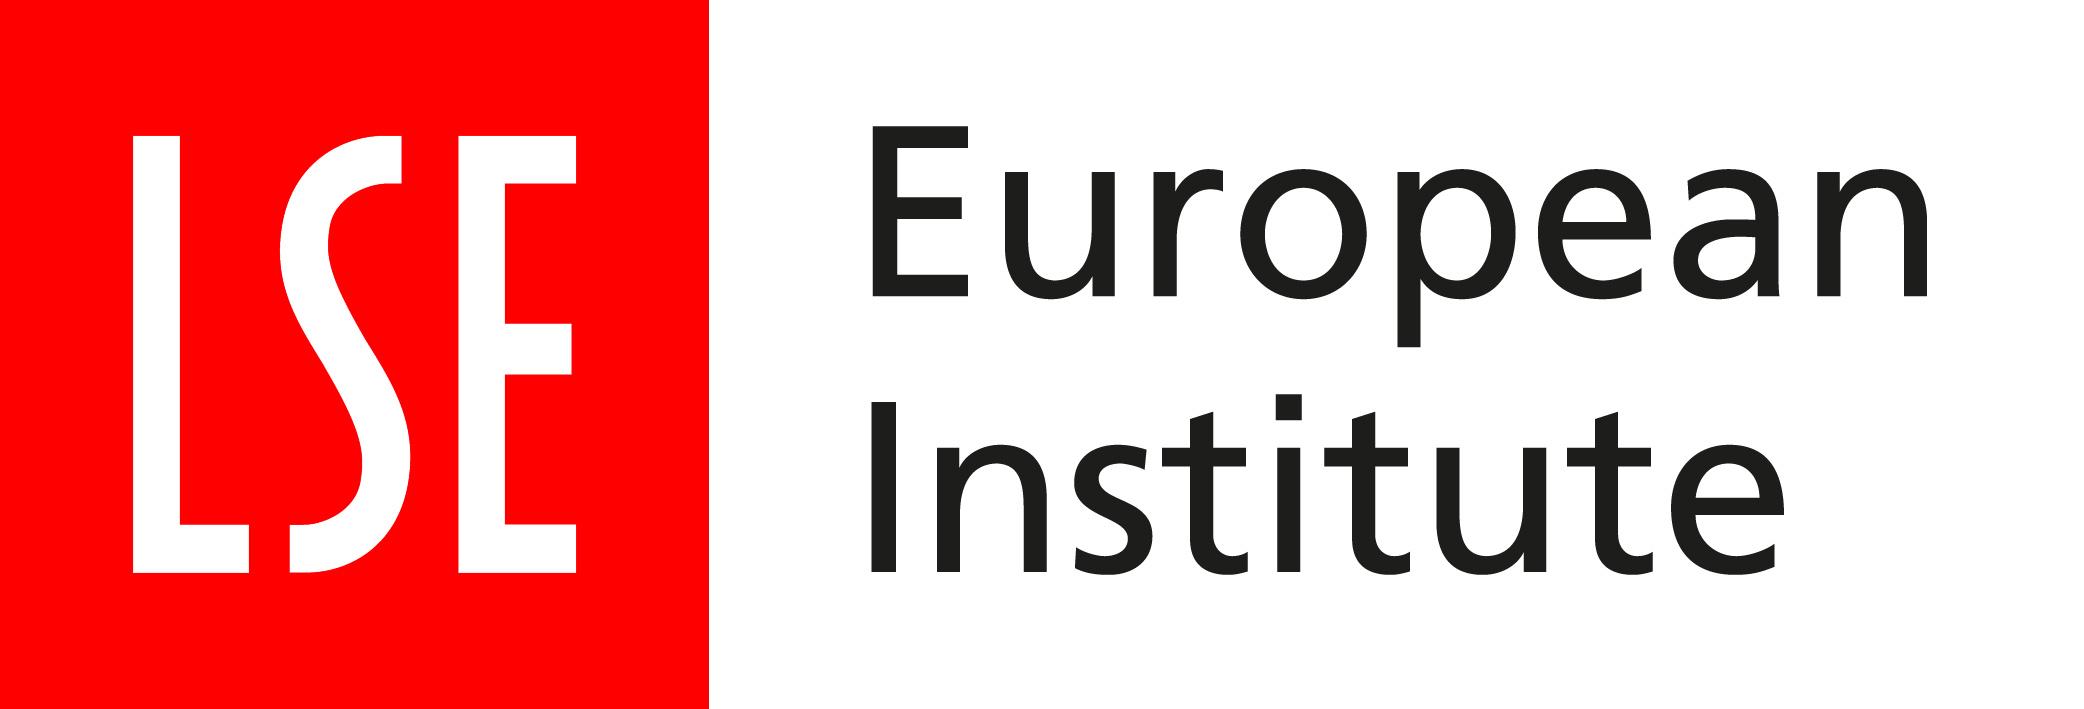 LSE European Institute